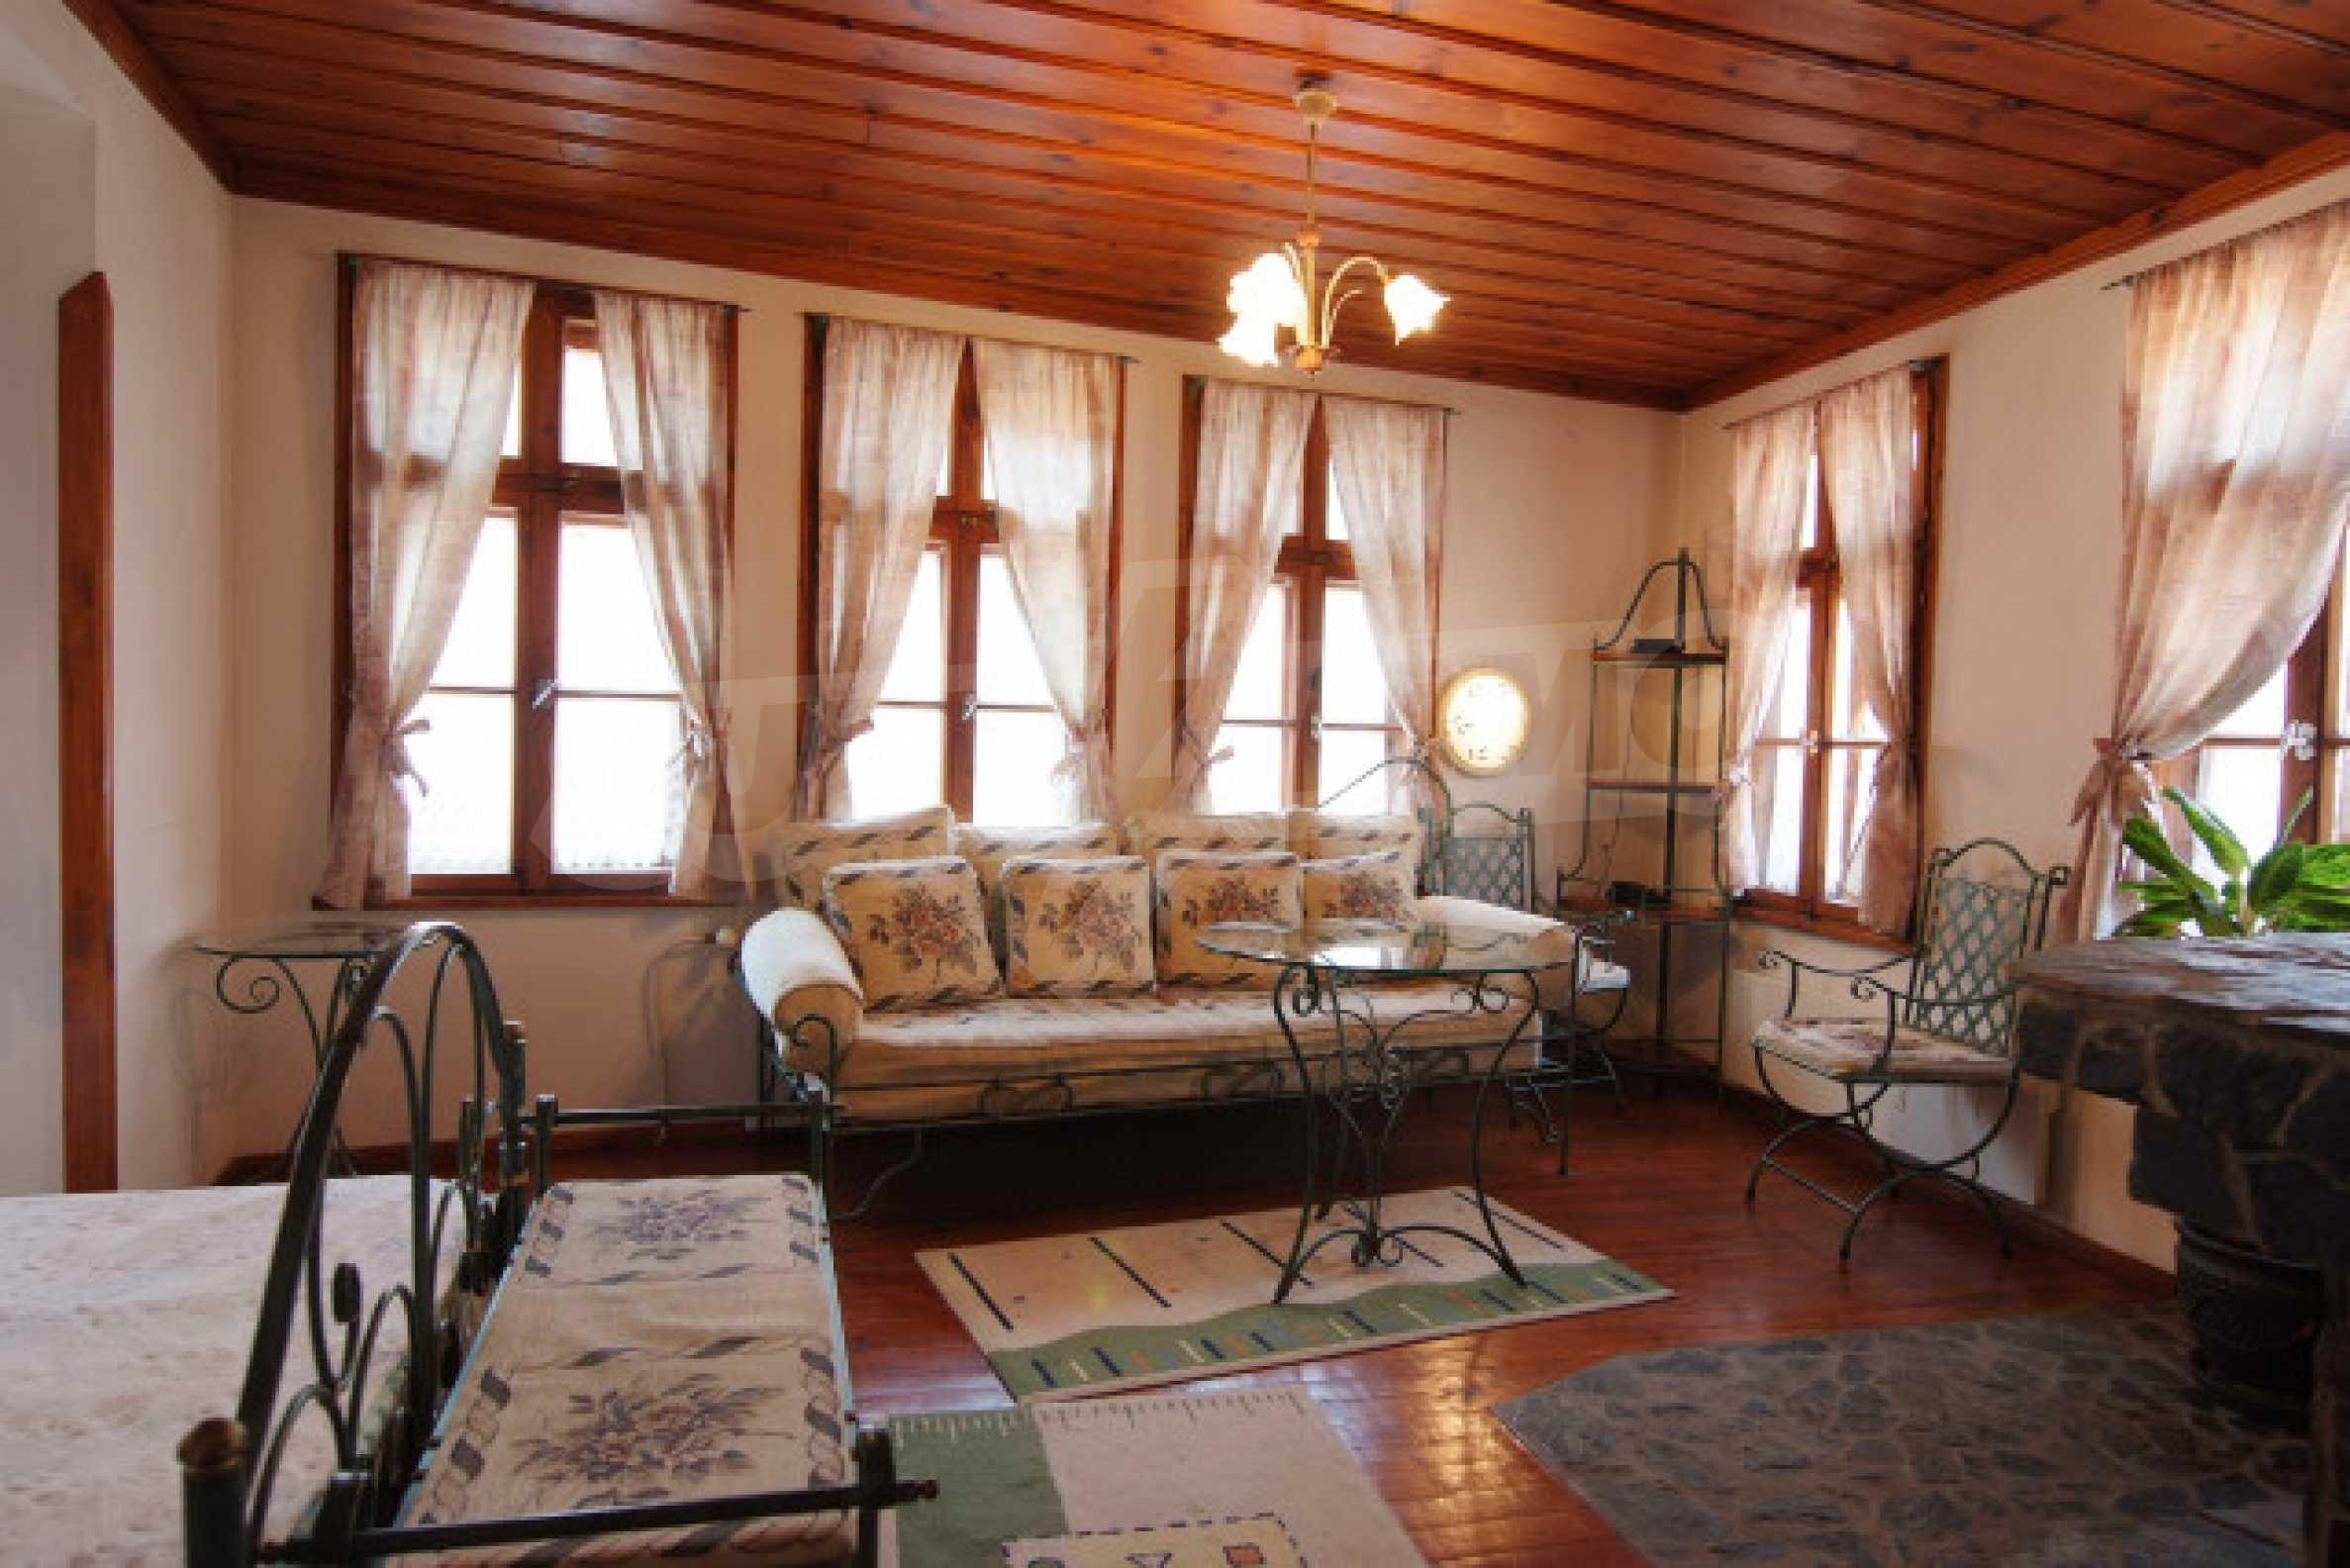 Семеен хотел в центъра на град Мелник 25